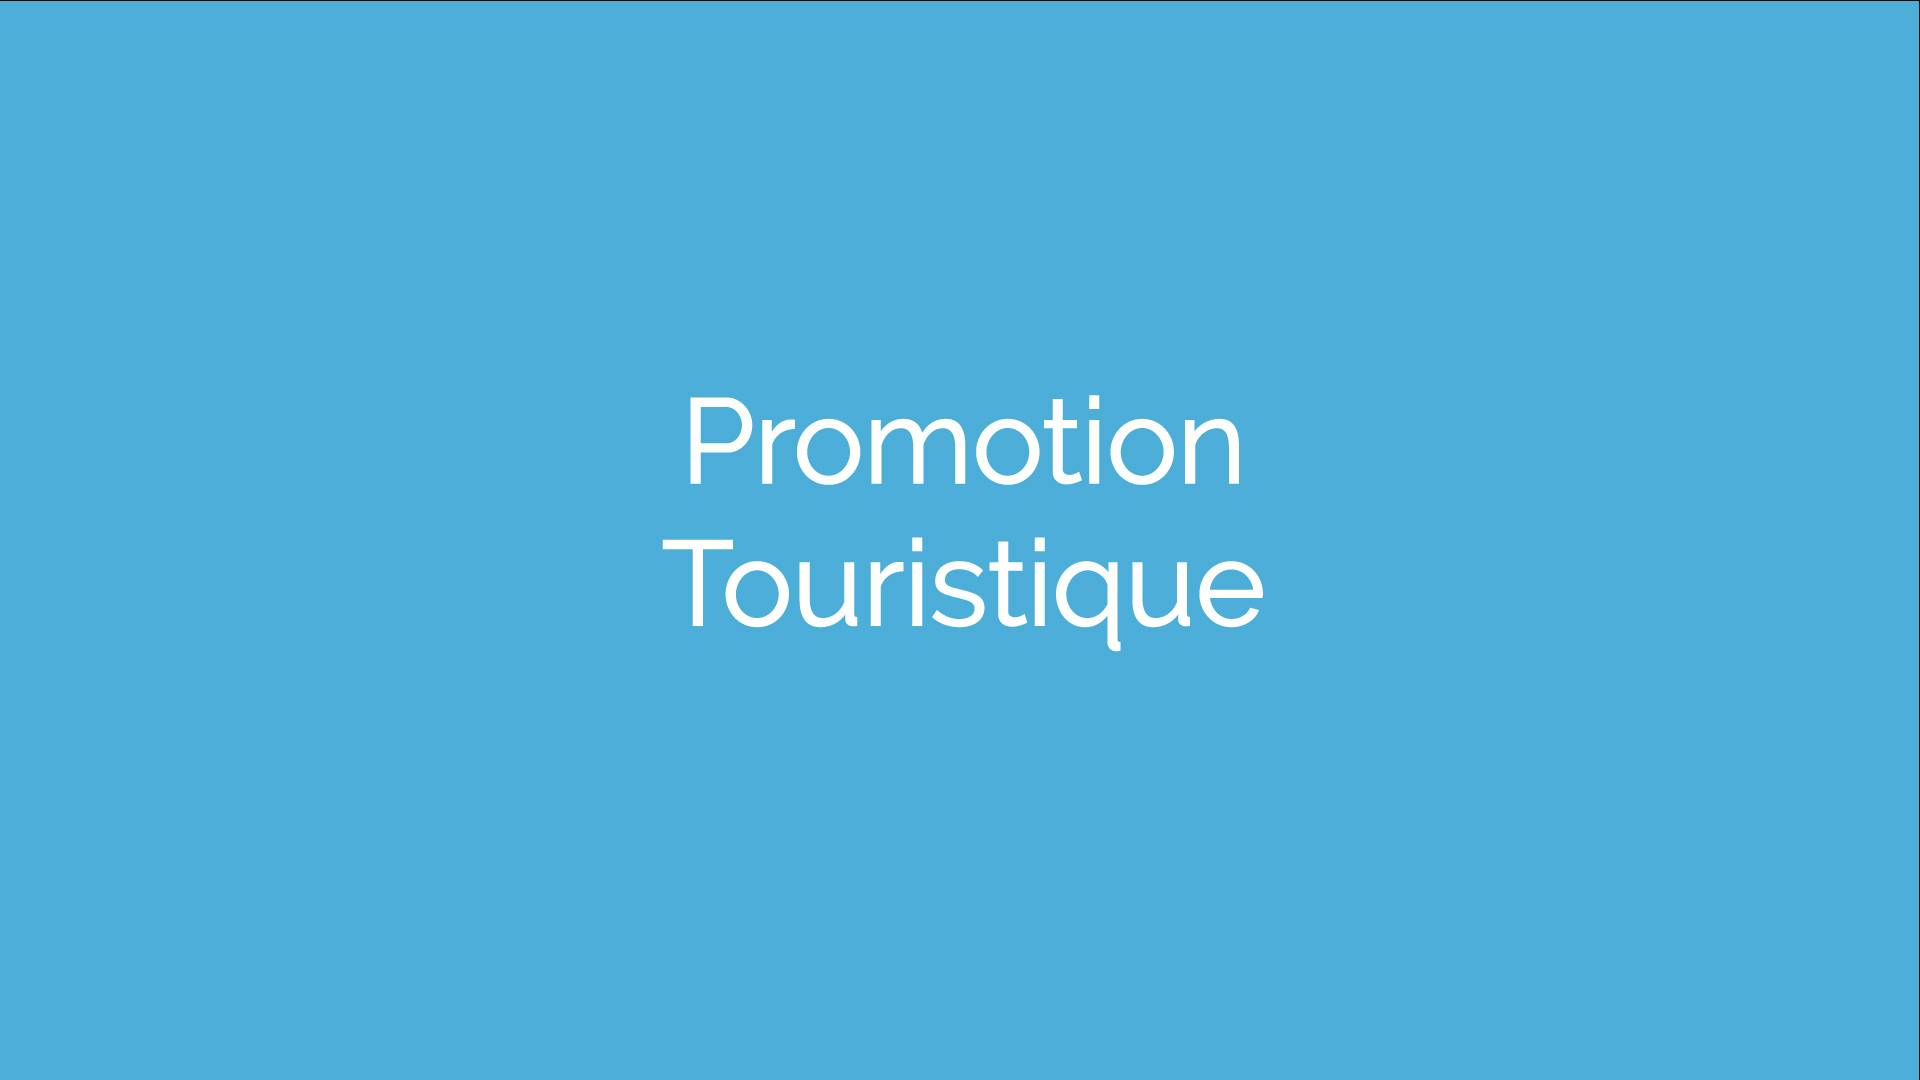 Promotion touristique